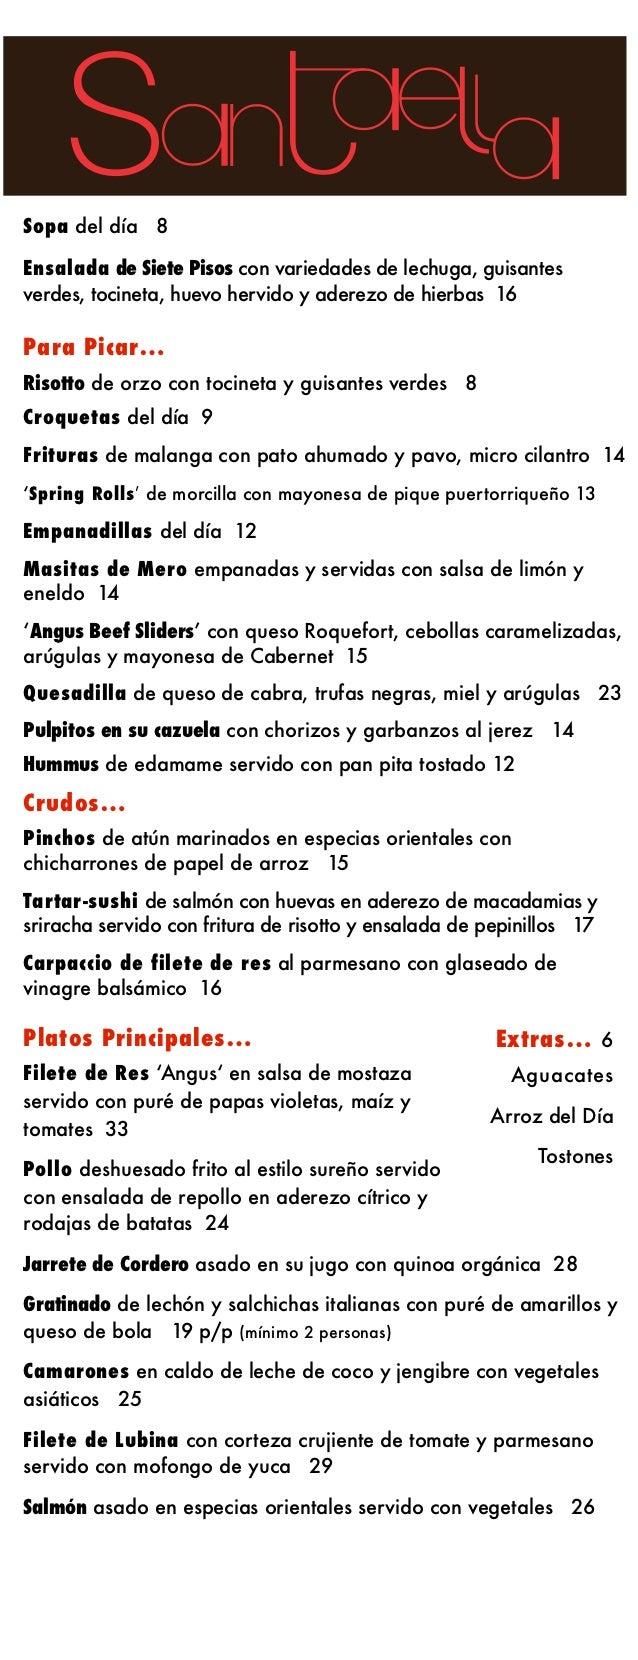 Sopa del día 8Ensalada de Siete Pisos con variedades de lechuga, guisantesverdes, tocineta, huevo hervido y aderezo de hie...